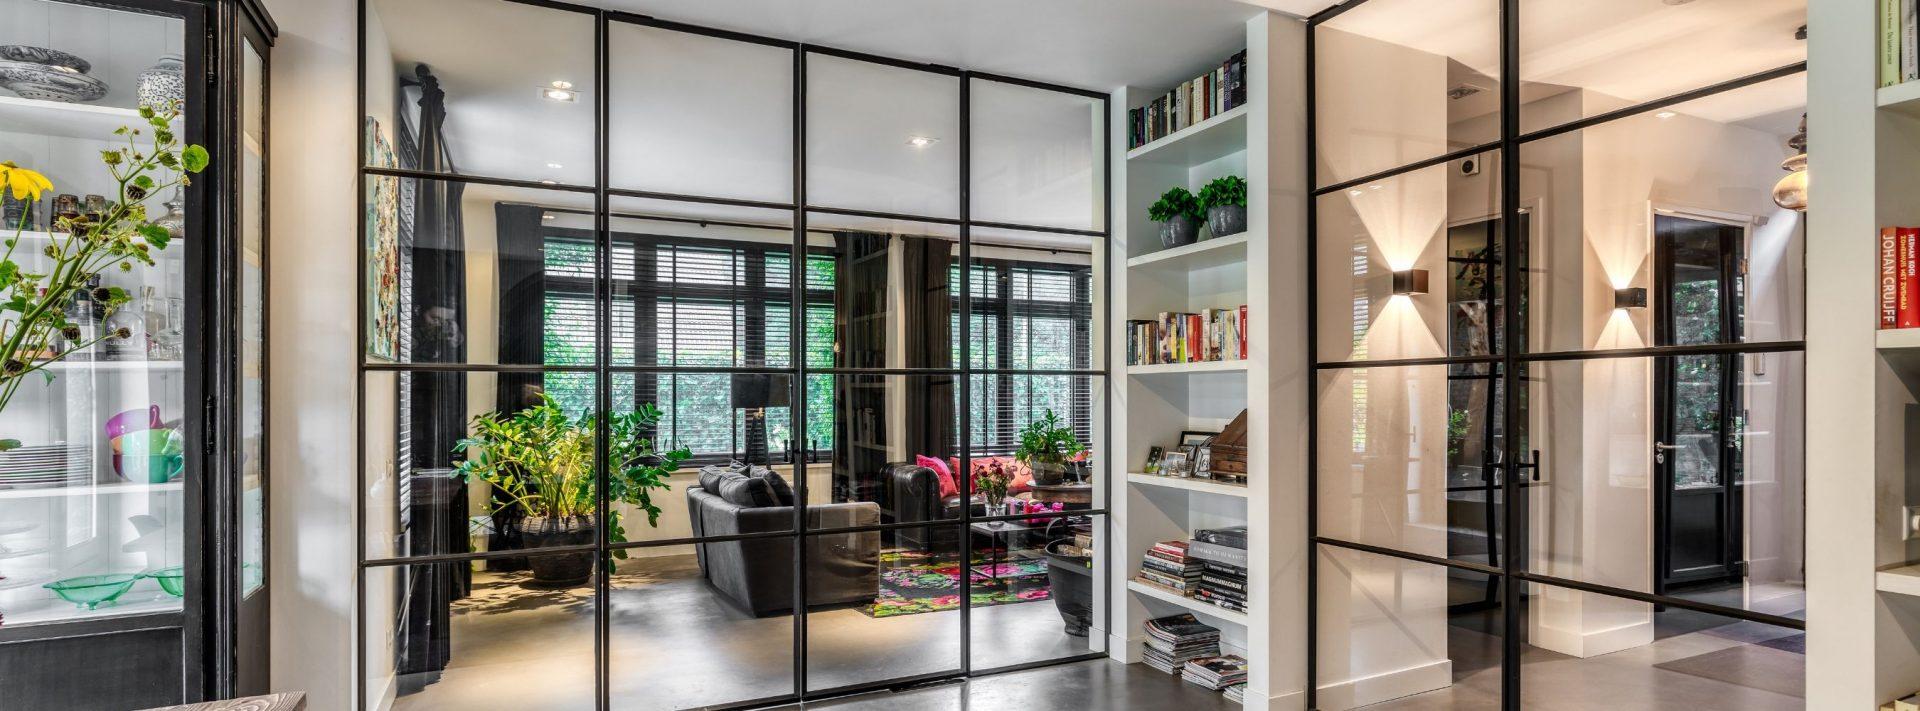 dubbele stalen binnendeuren, taatsdeuren in luxe interieur gerealiseerd door Stalen Deuren Huys